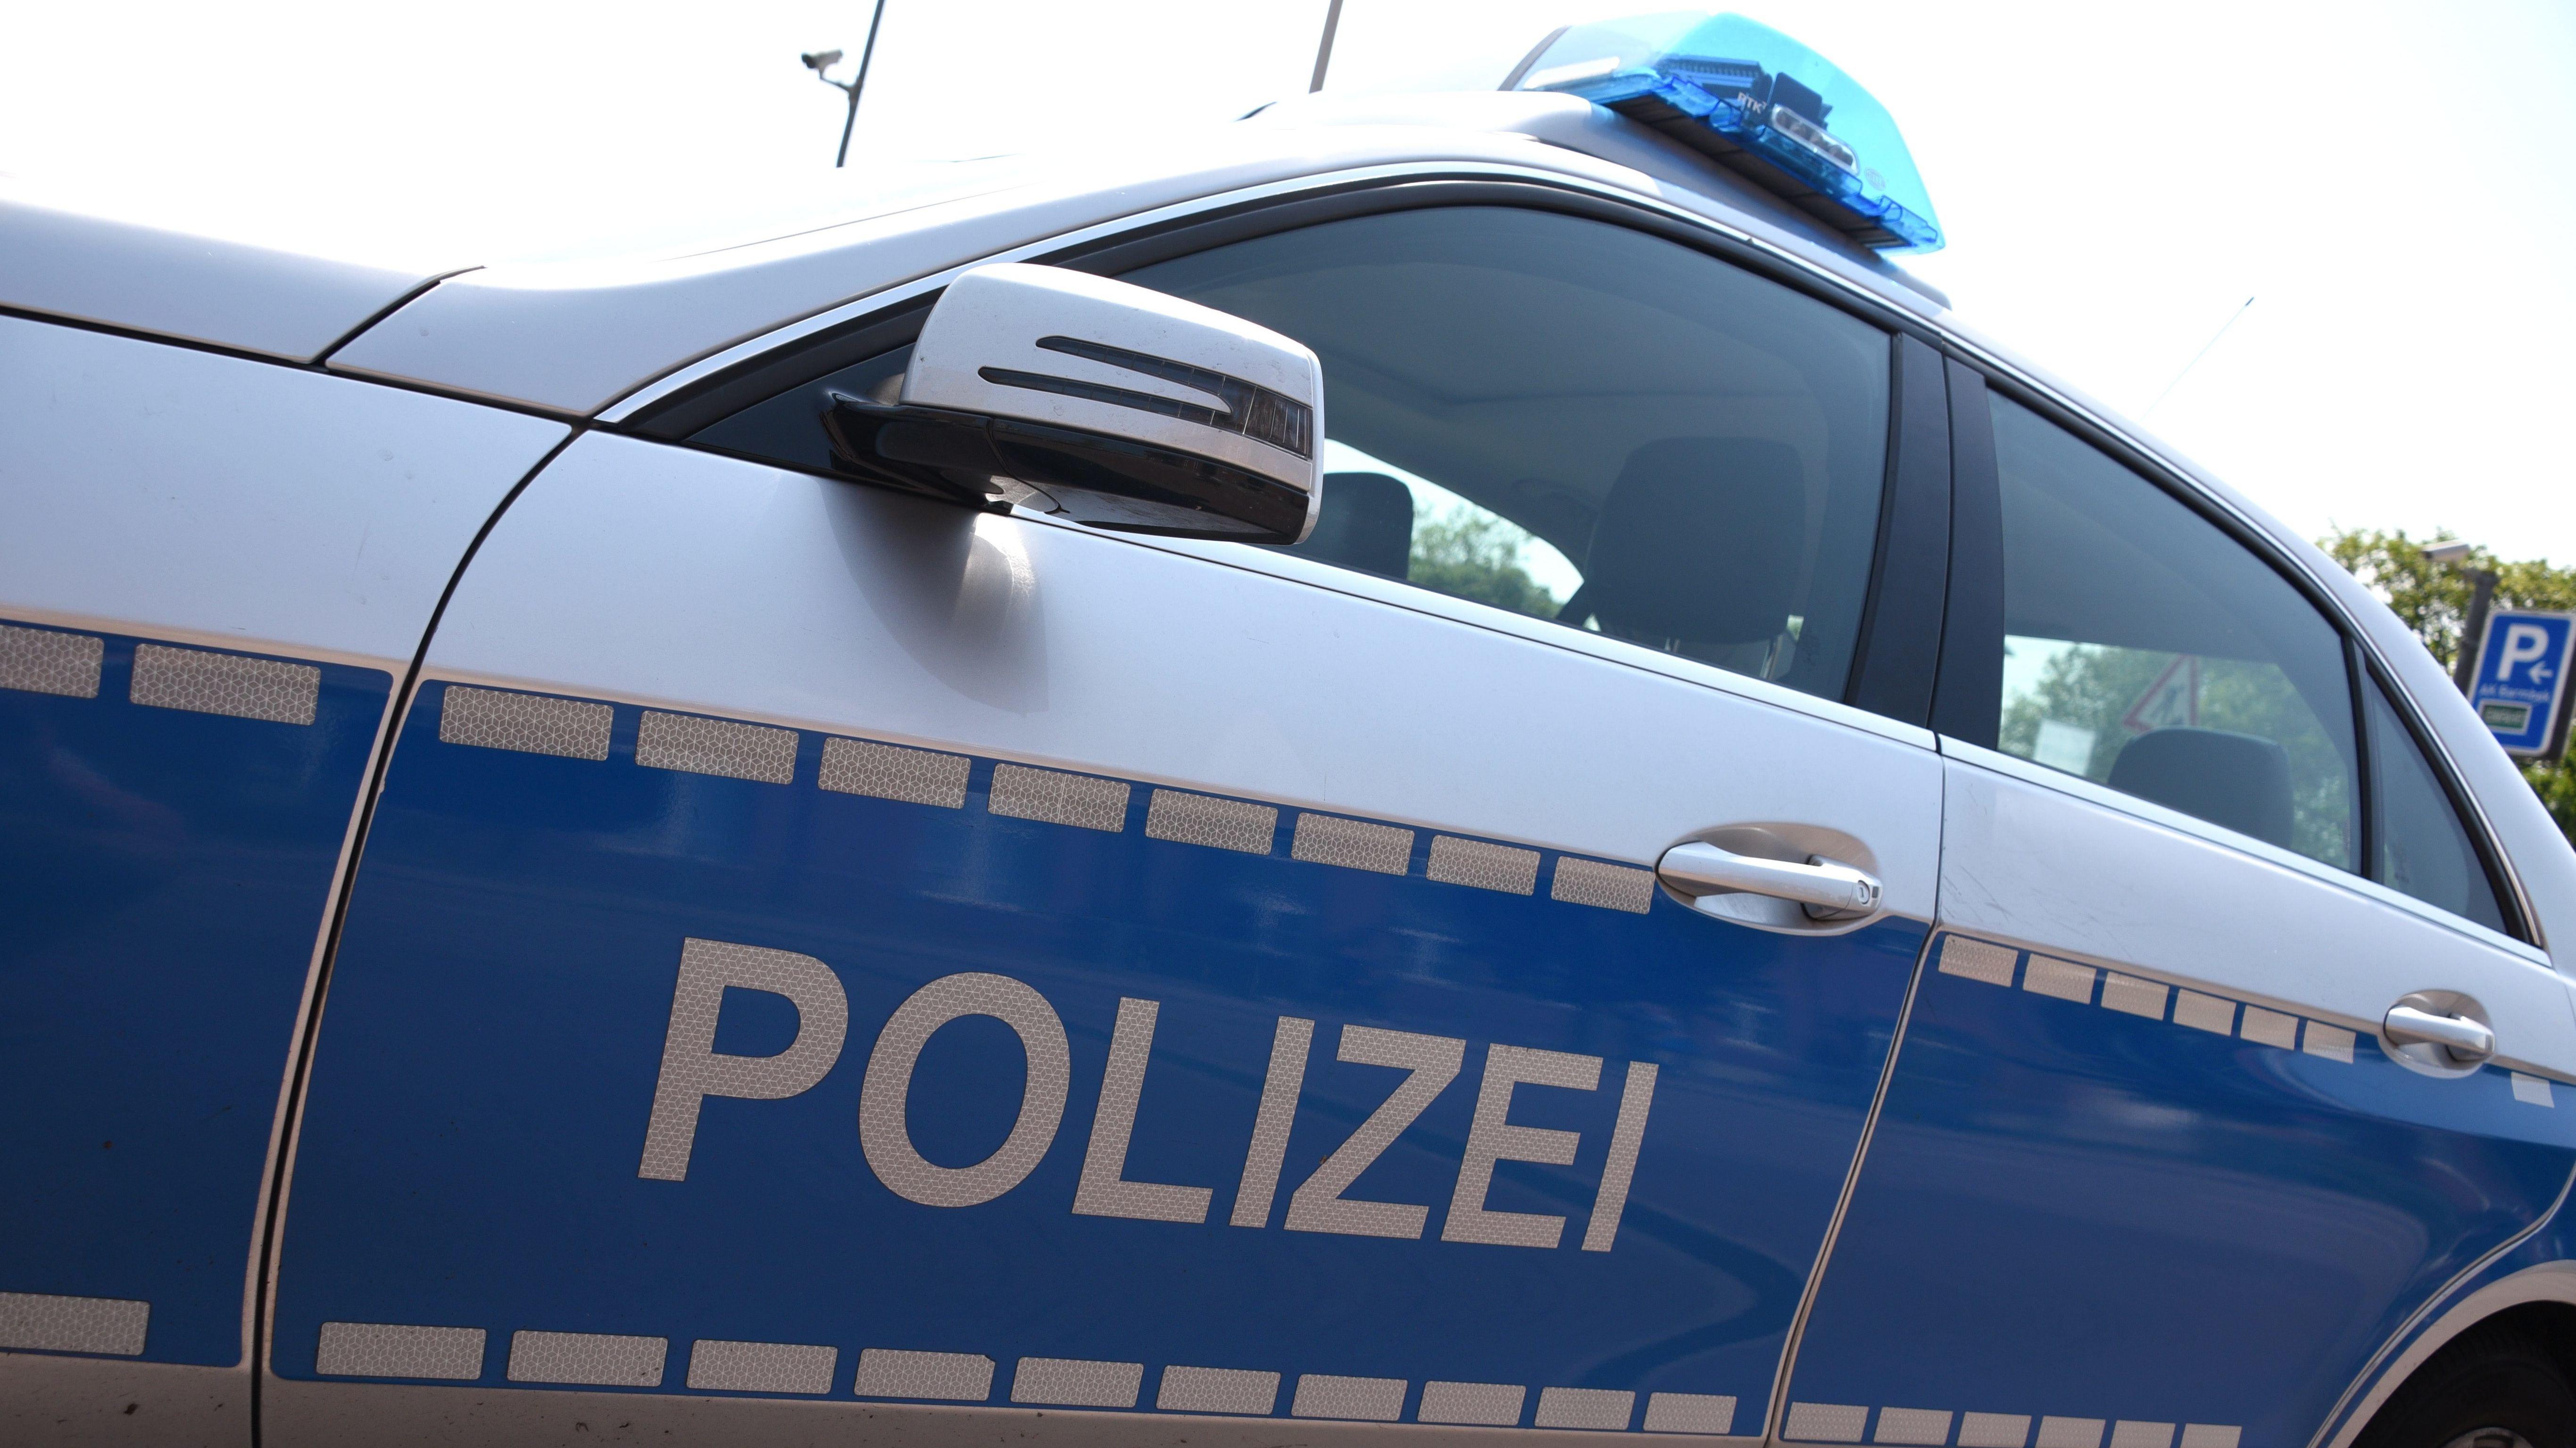 Einsatzwagen der Polizei, Symbolbild